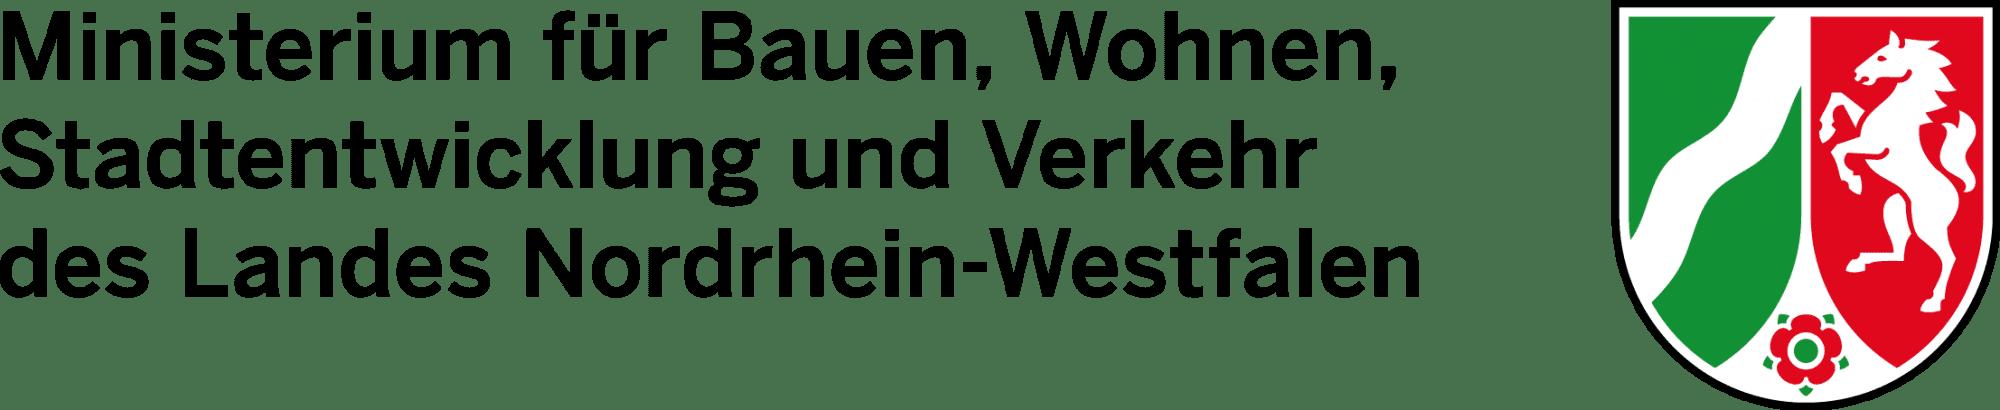 NRW_MBWSV_RGB[1]